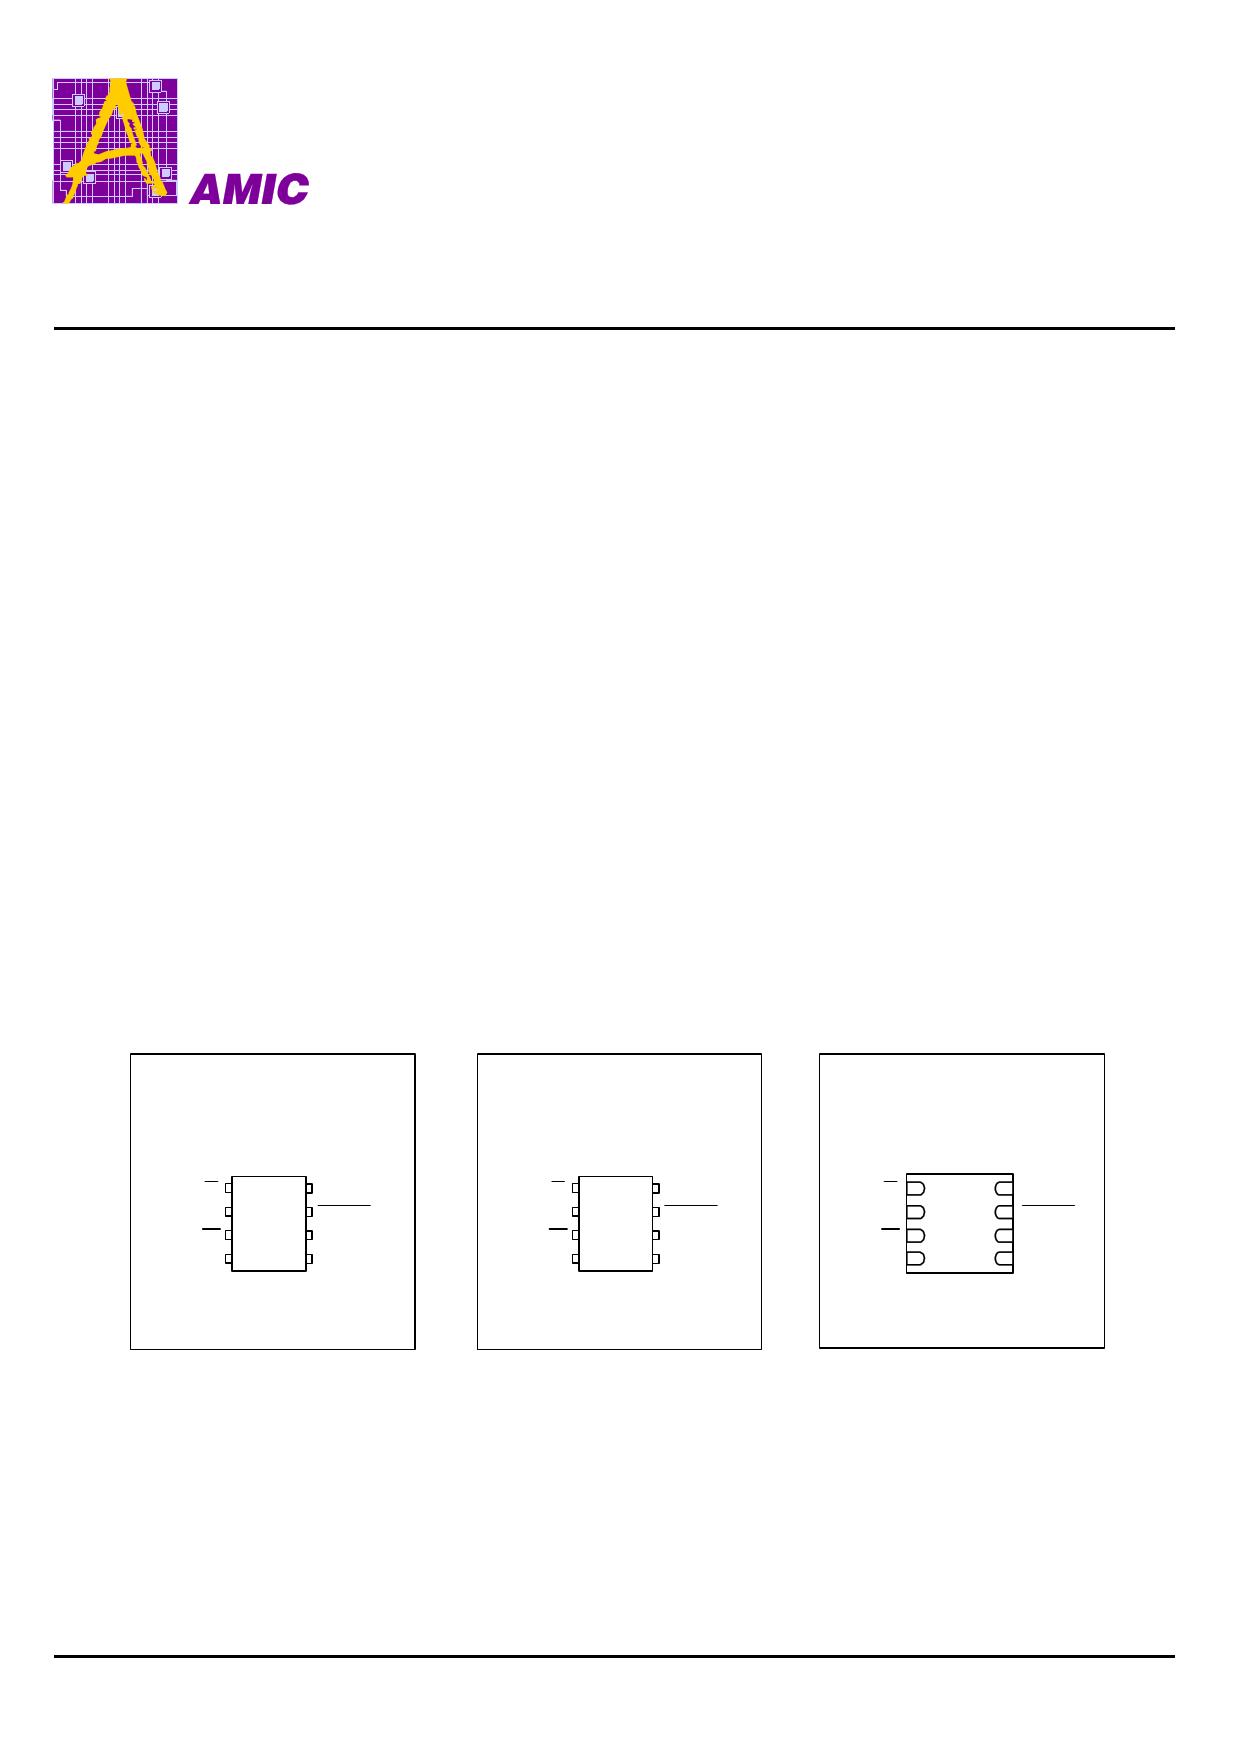 A25L05P pdf, schematic